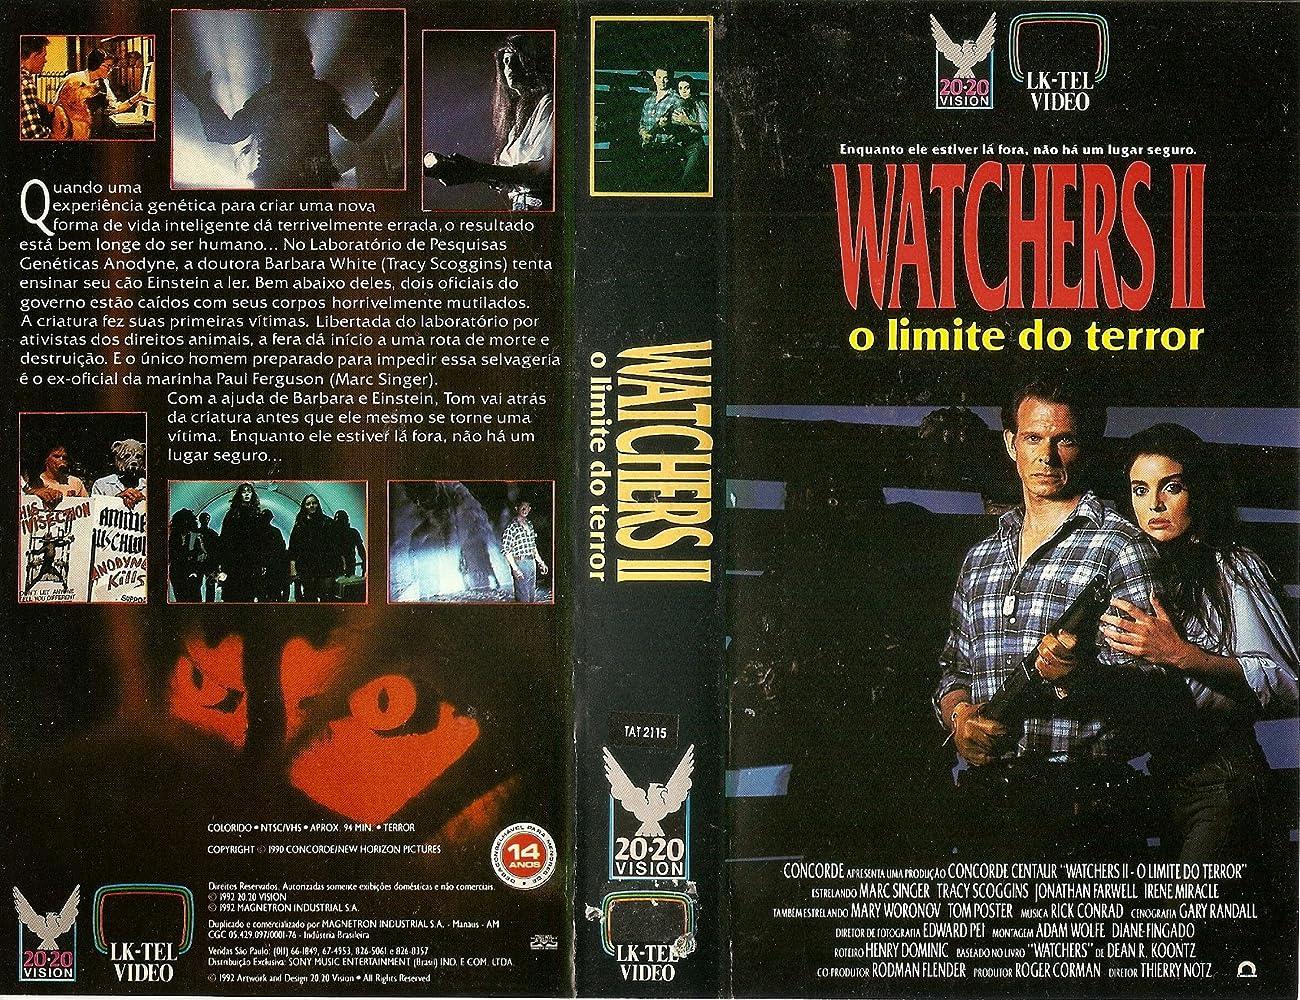 Copertina dell'edizione in VHS spagnola